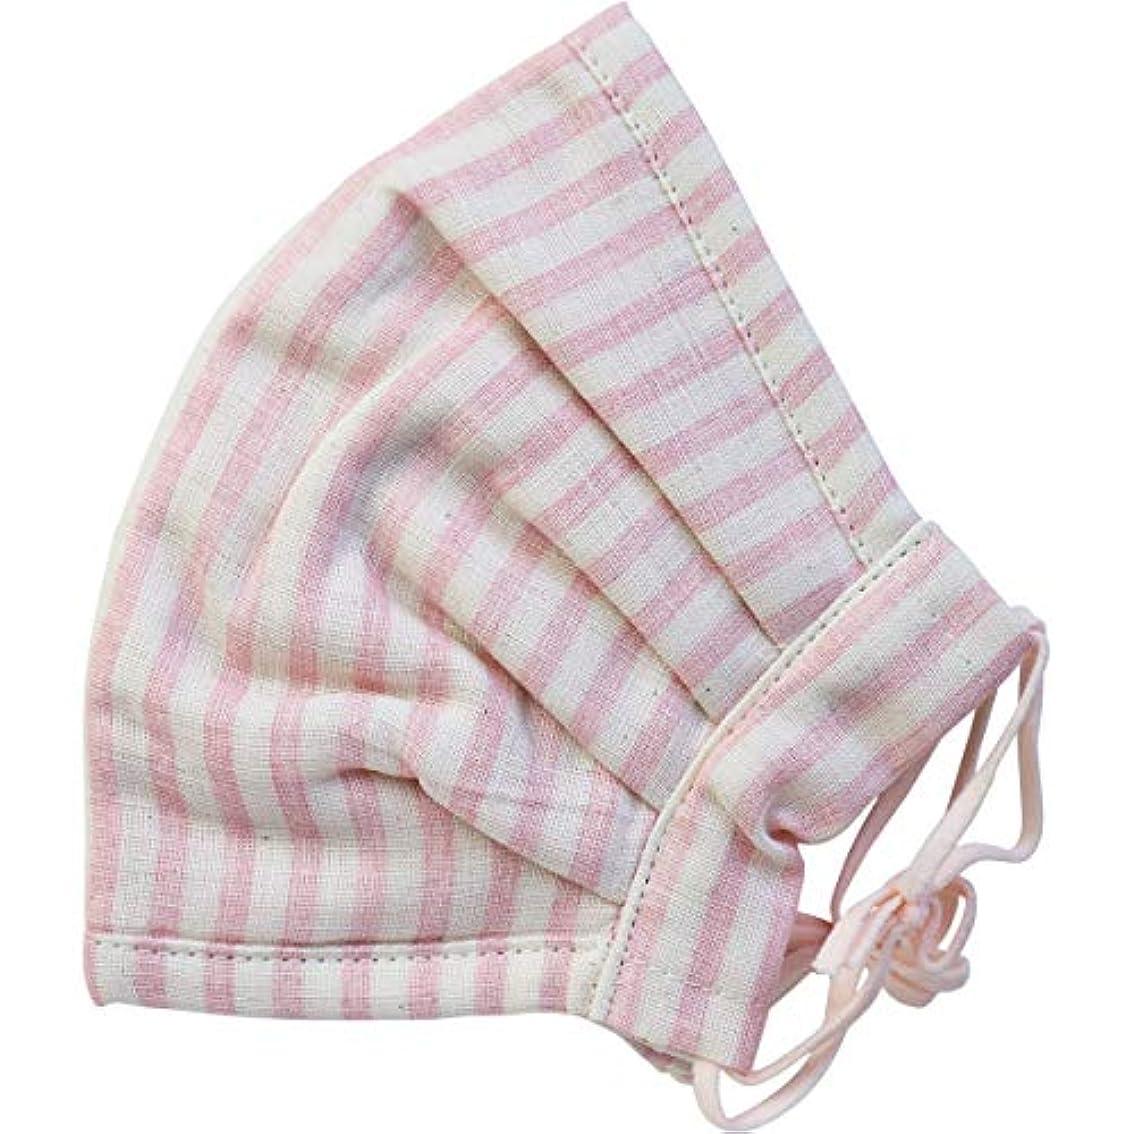 風変わりなコマンド科学ふわふわマスク 今治産タオル 超敏感肌用 ピンクストライプ ゆったり大きめサイズ 1枚入×5個セット